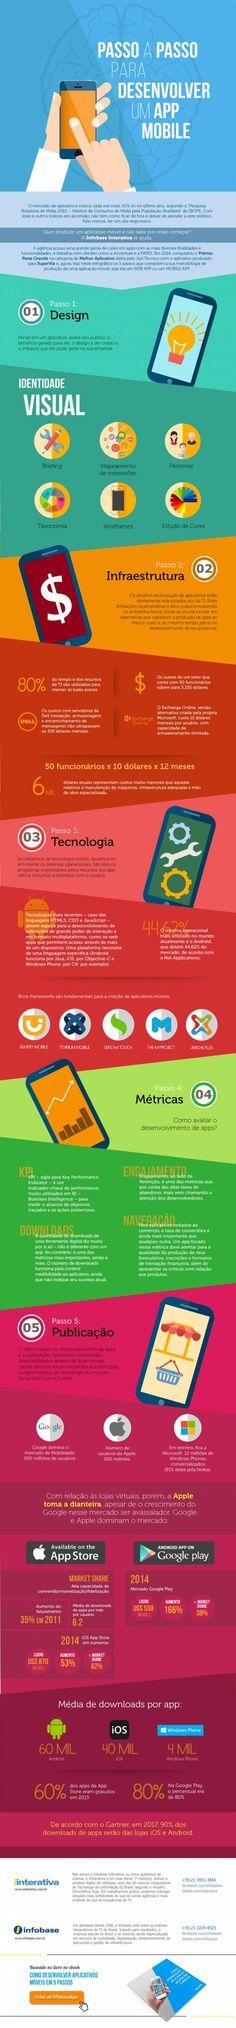 5 passos para desenvolver um aplicativo